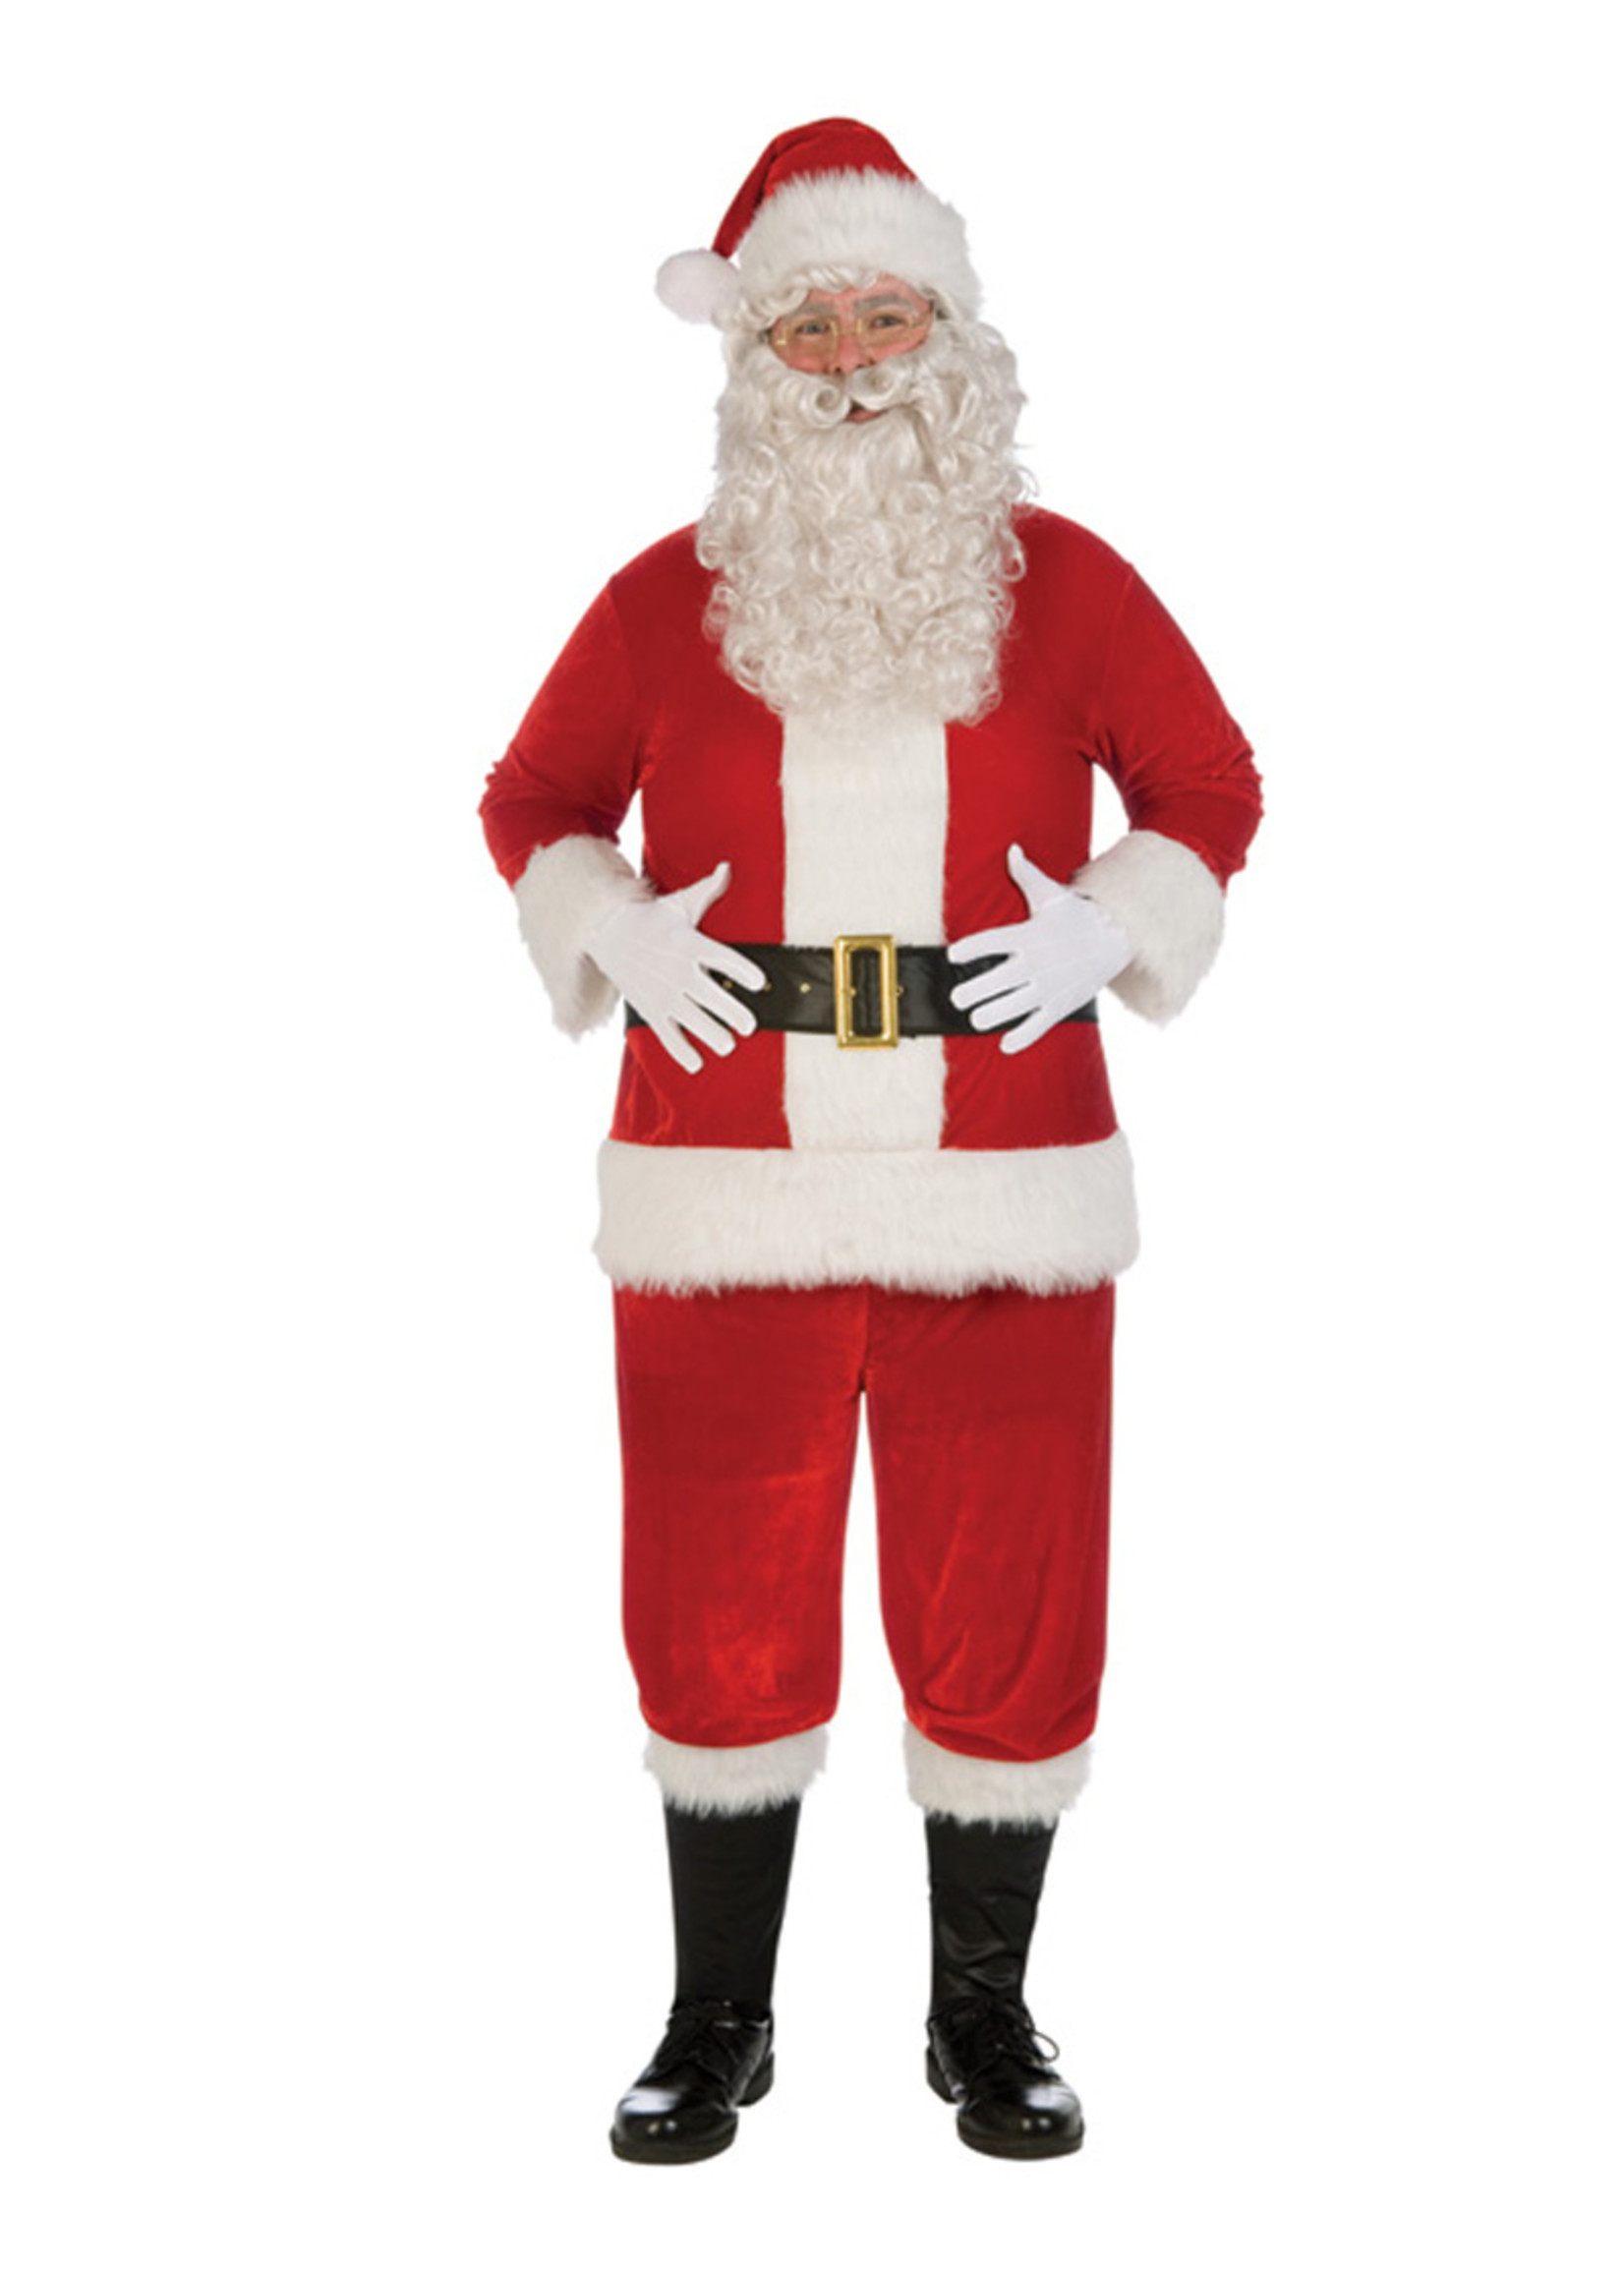 FORUM NOVELTIES Plush Santa Suit Costume - Men's